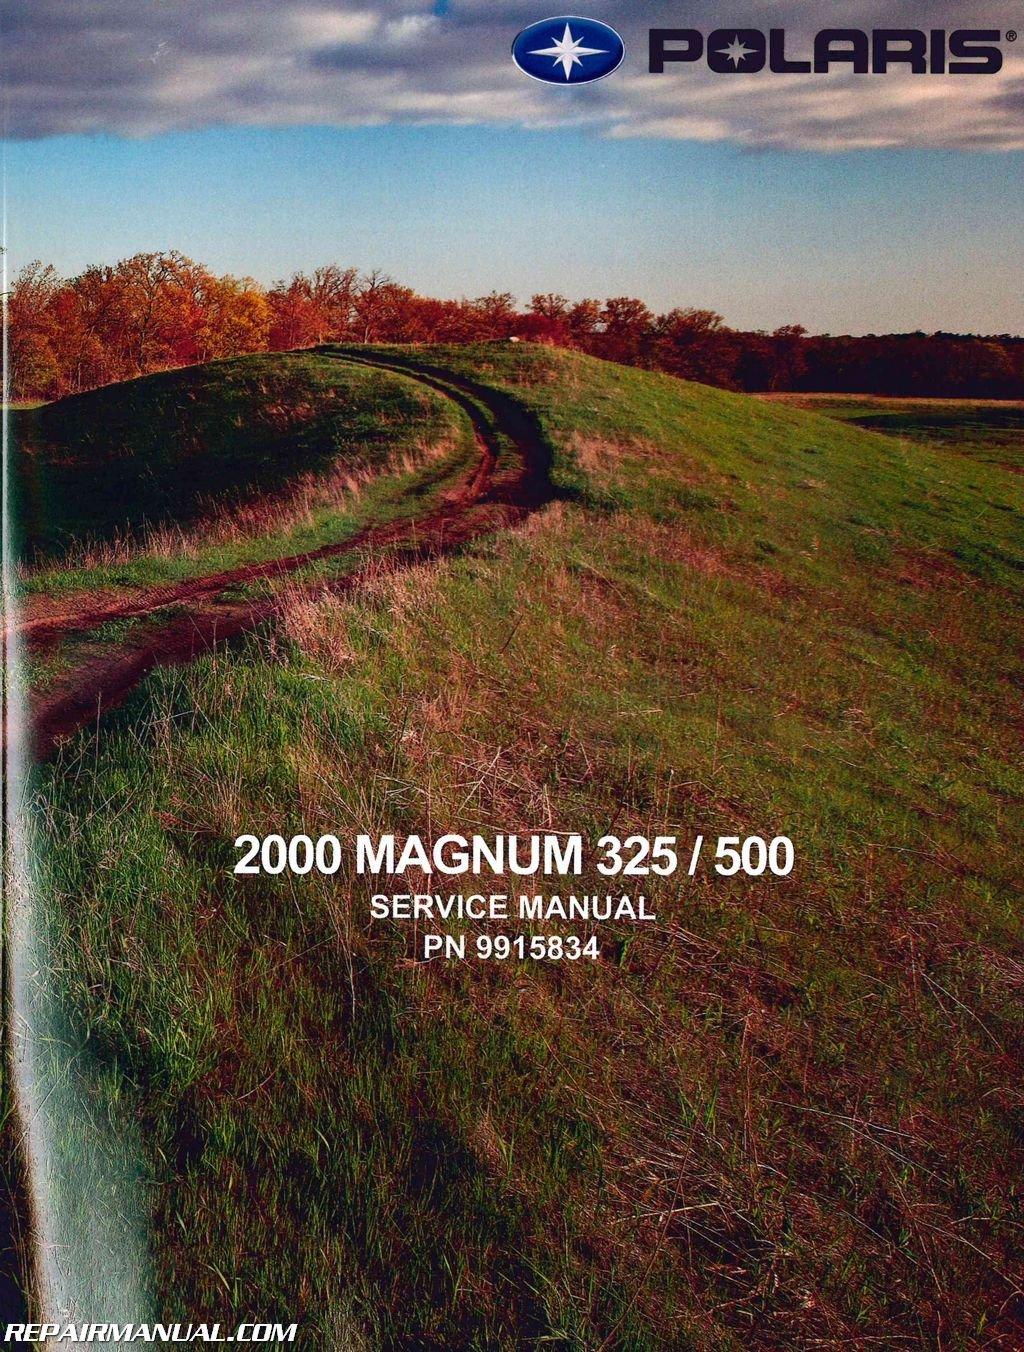 9915834 2000 Polaris Magnum 325 500 ATV Service Manual: Manufacturer:  Amazon.com: Books